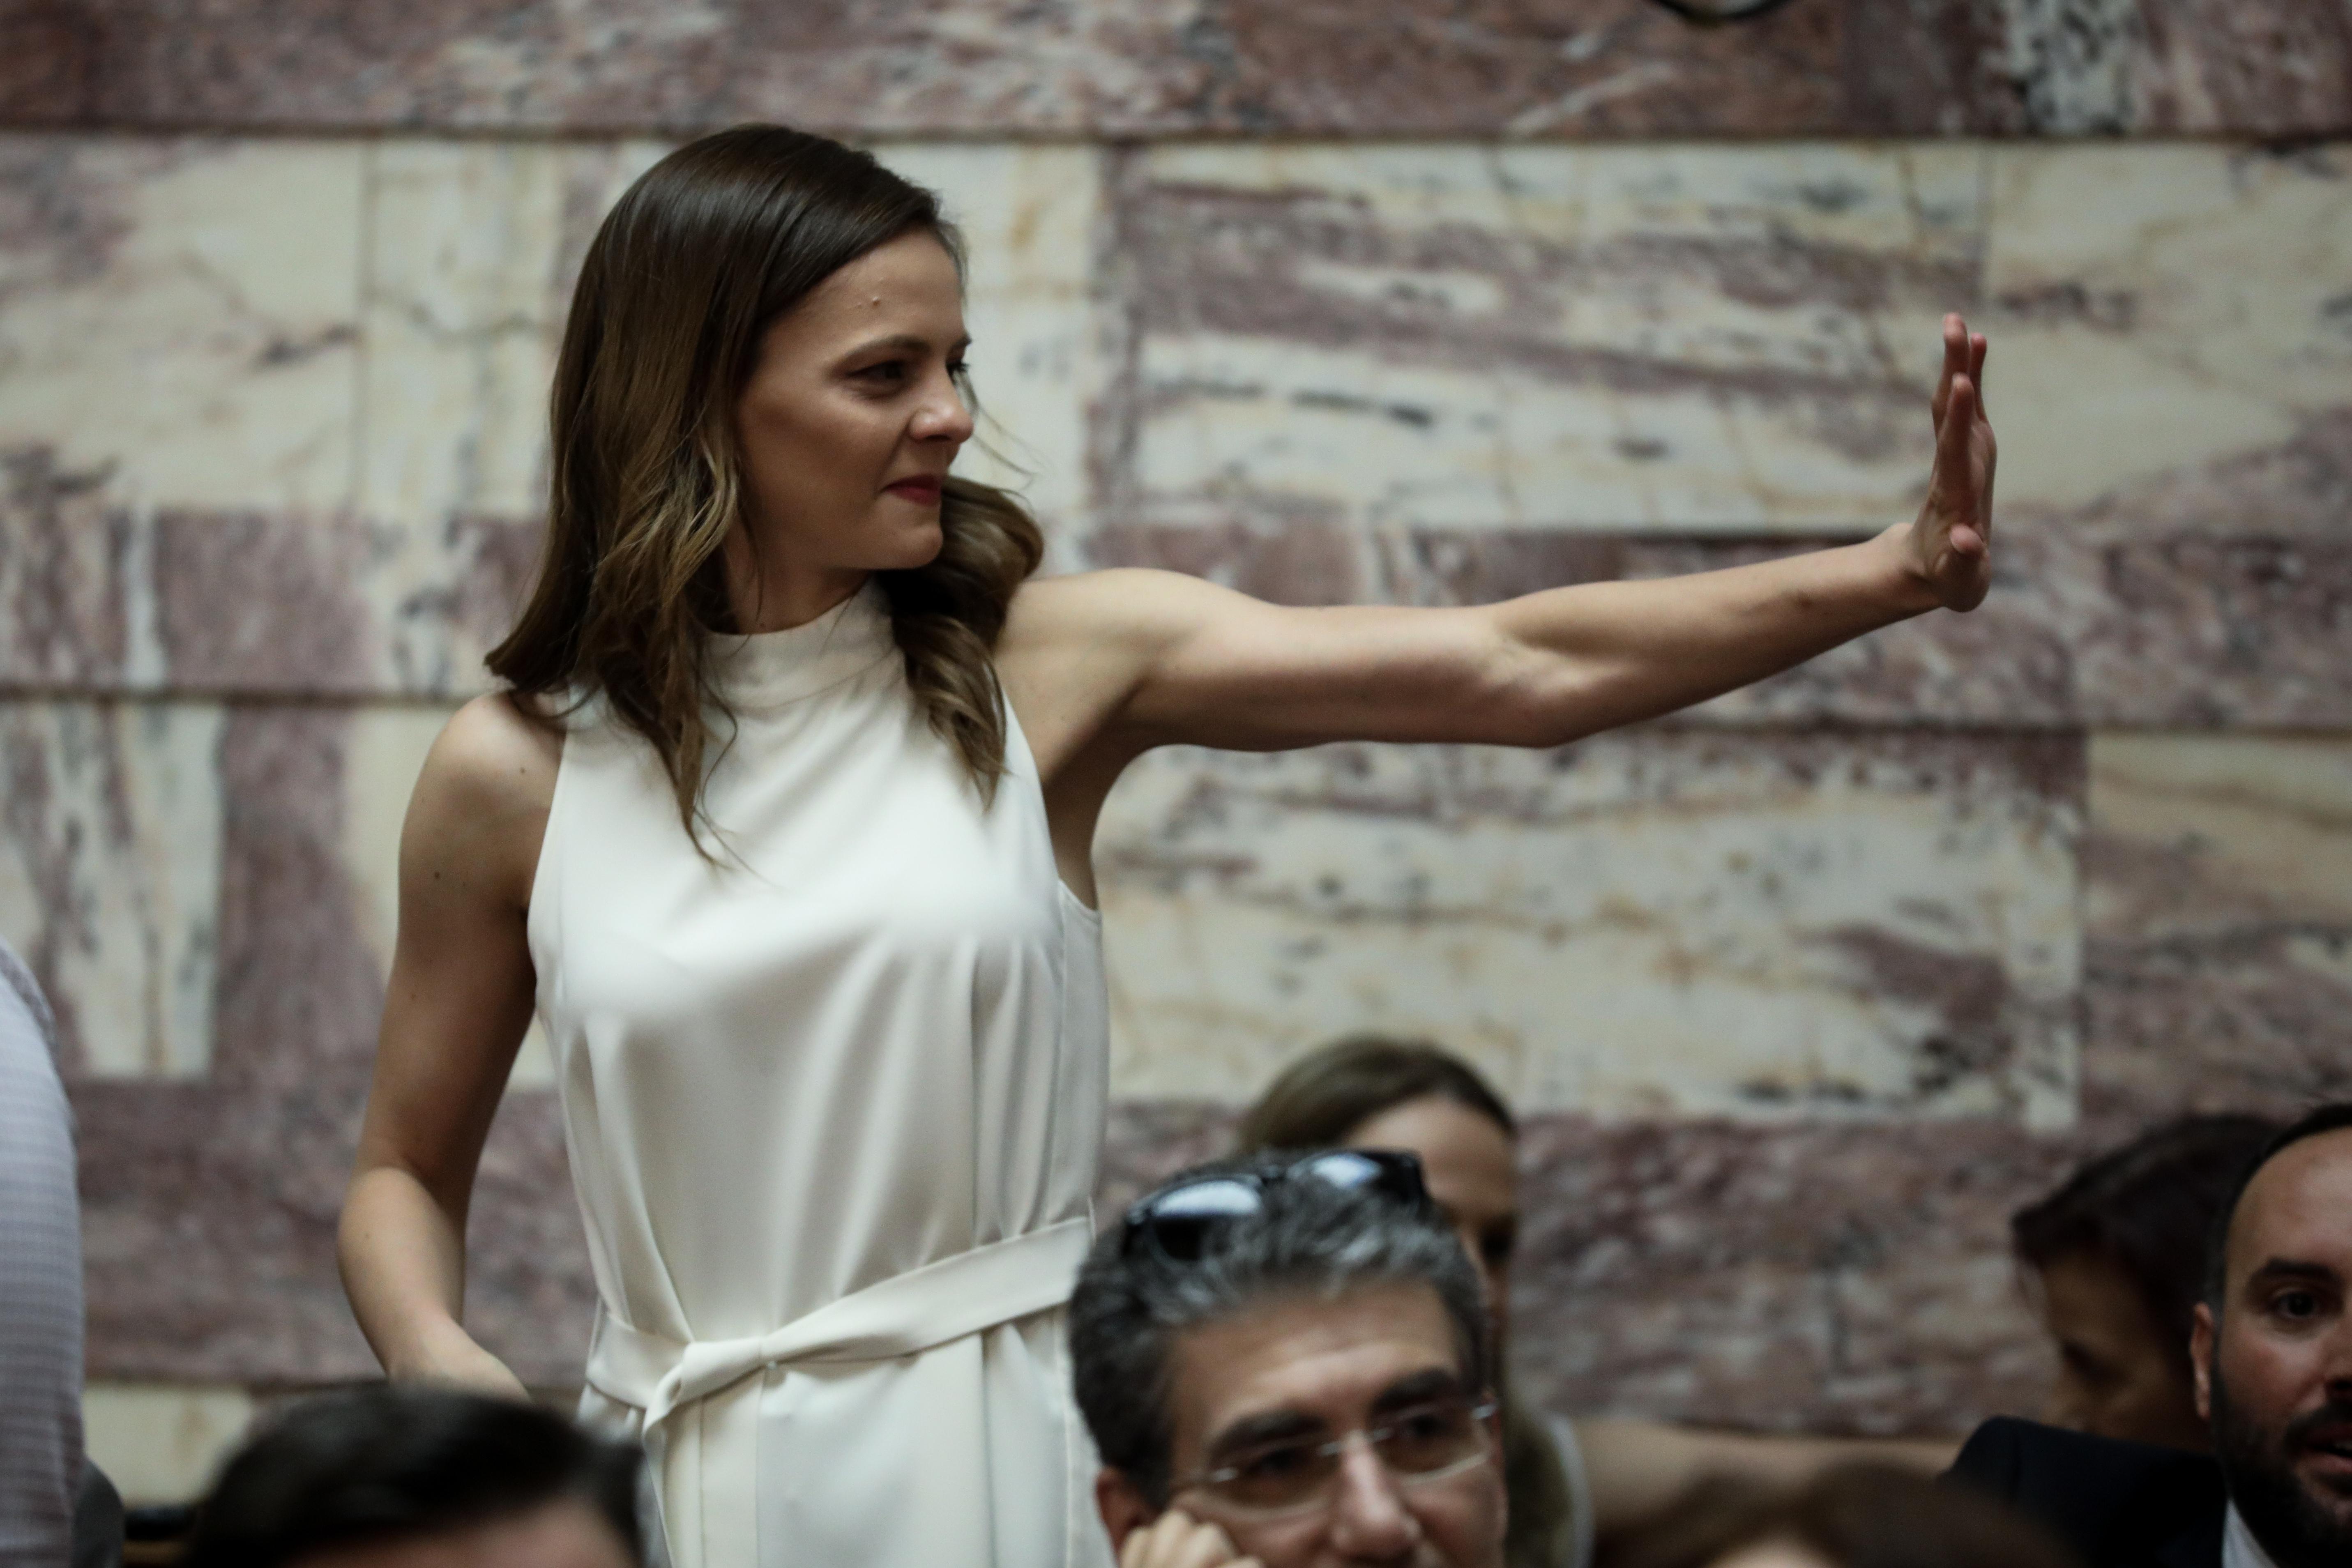 Η Εφη Αχτσιόγλου χαιρετά κάποιον συνάδελφό της στην ΚΟ του ΣΥΡΙΖΑ